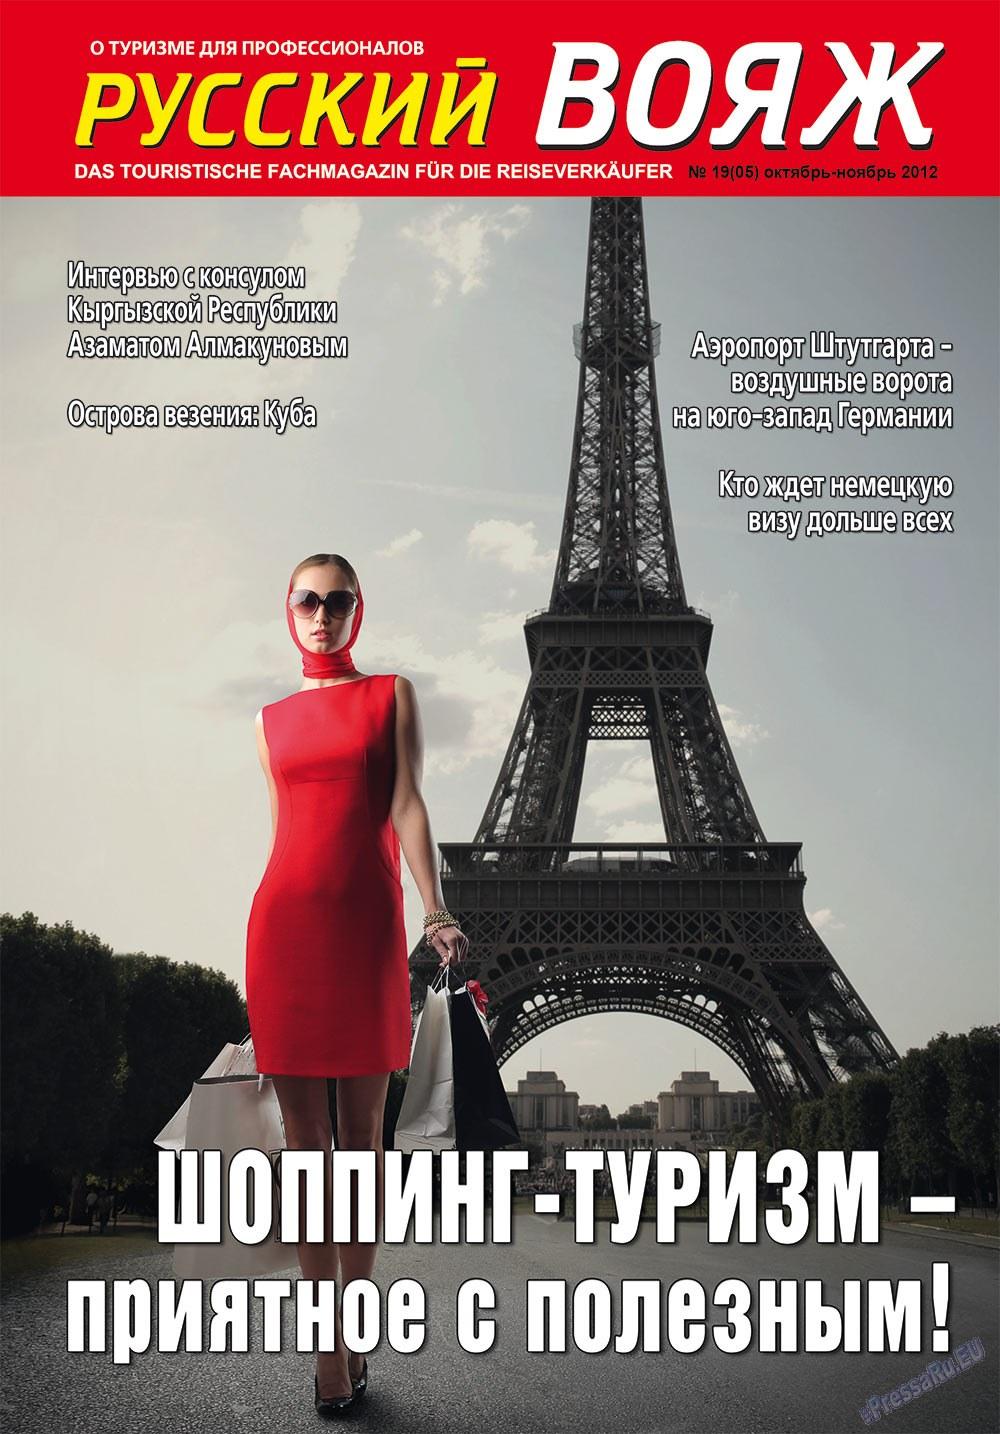 Русский вояж (журнал). 2012 год, номер 19, стр. 1